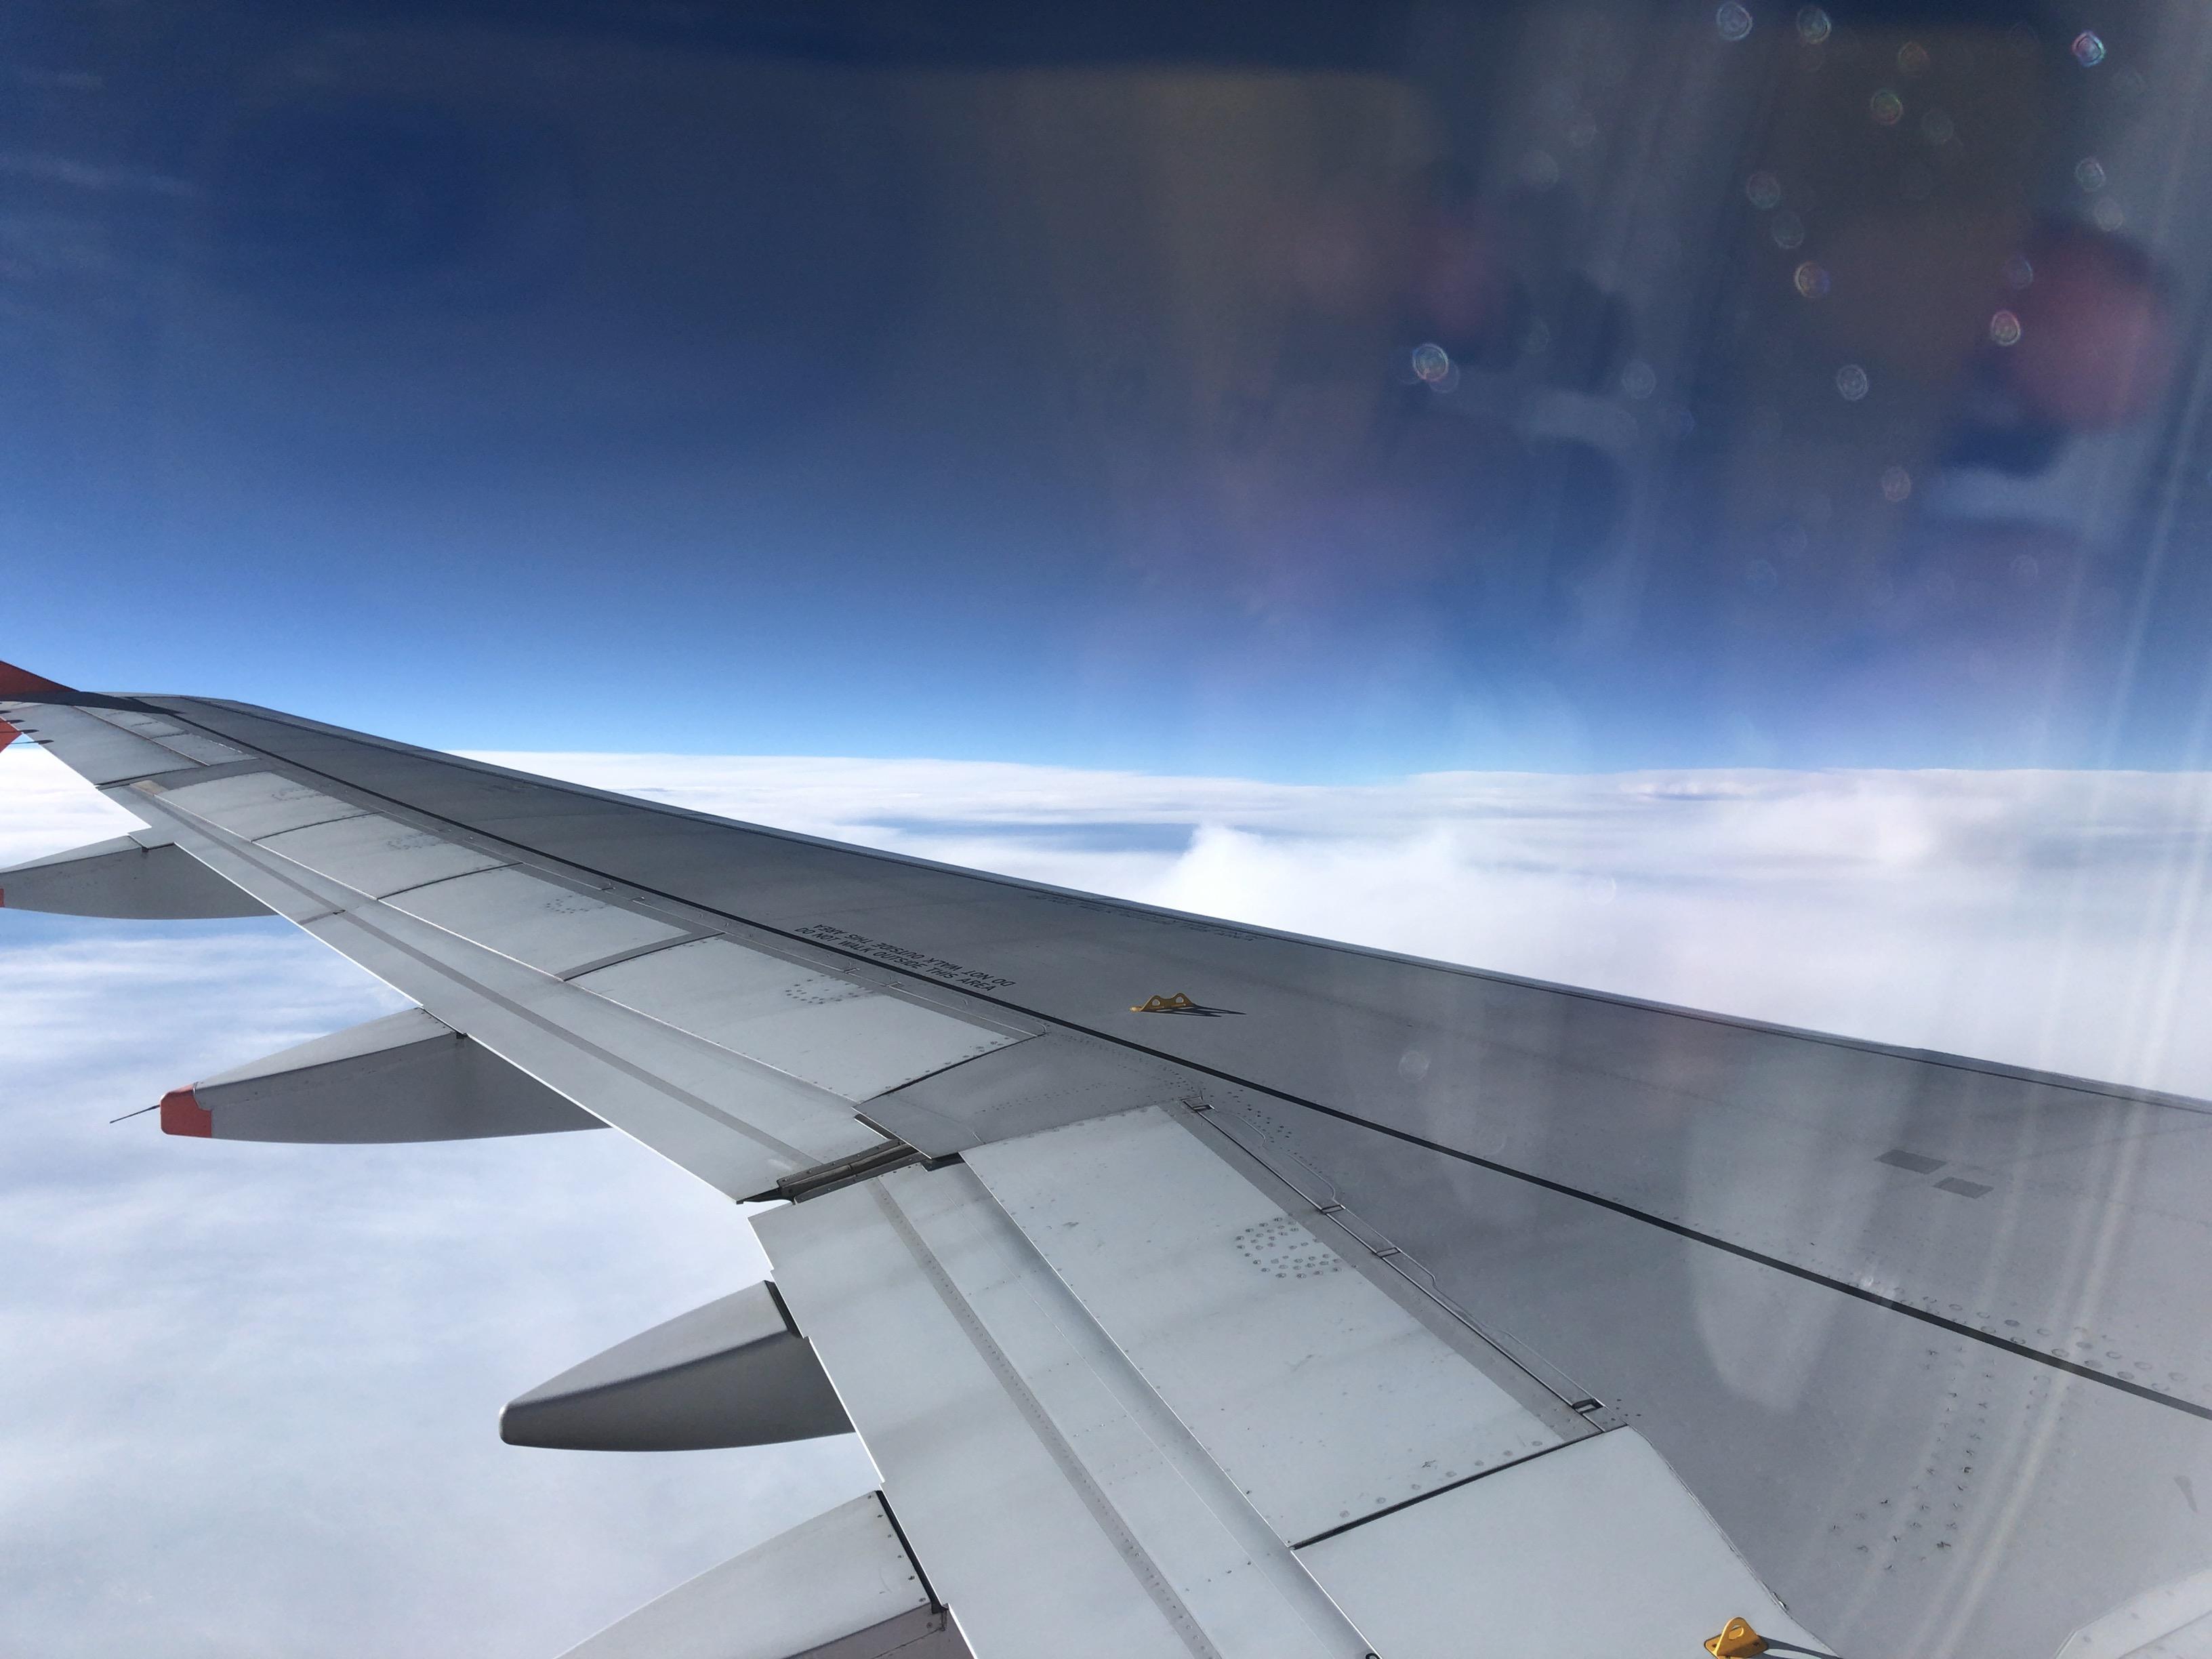 飛行機から見える外の写真